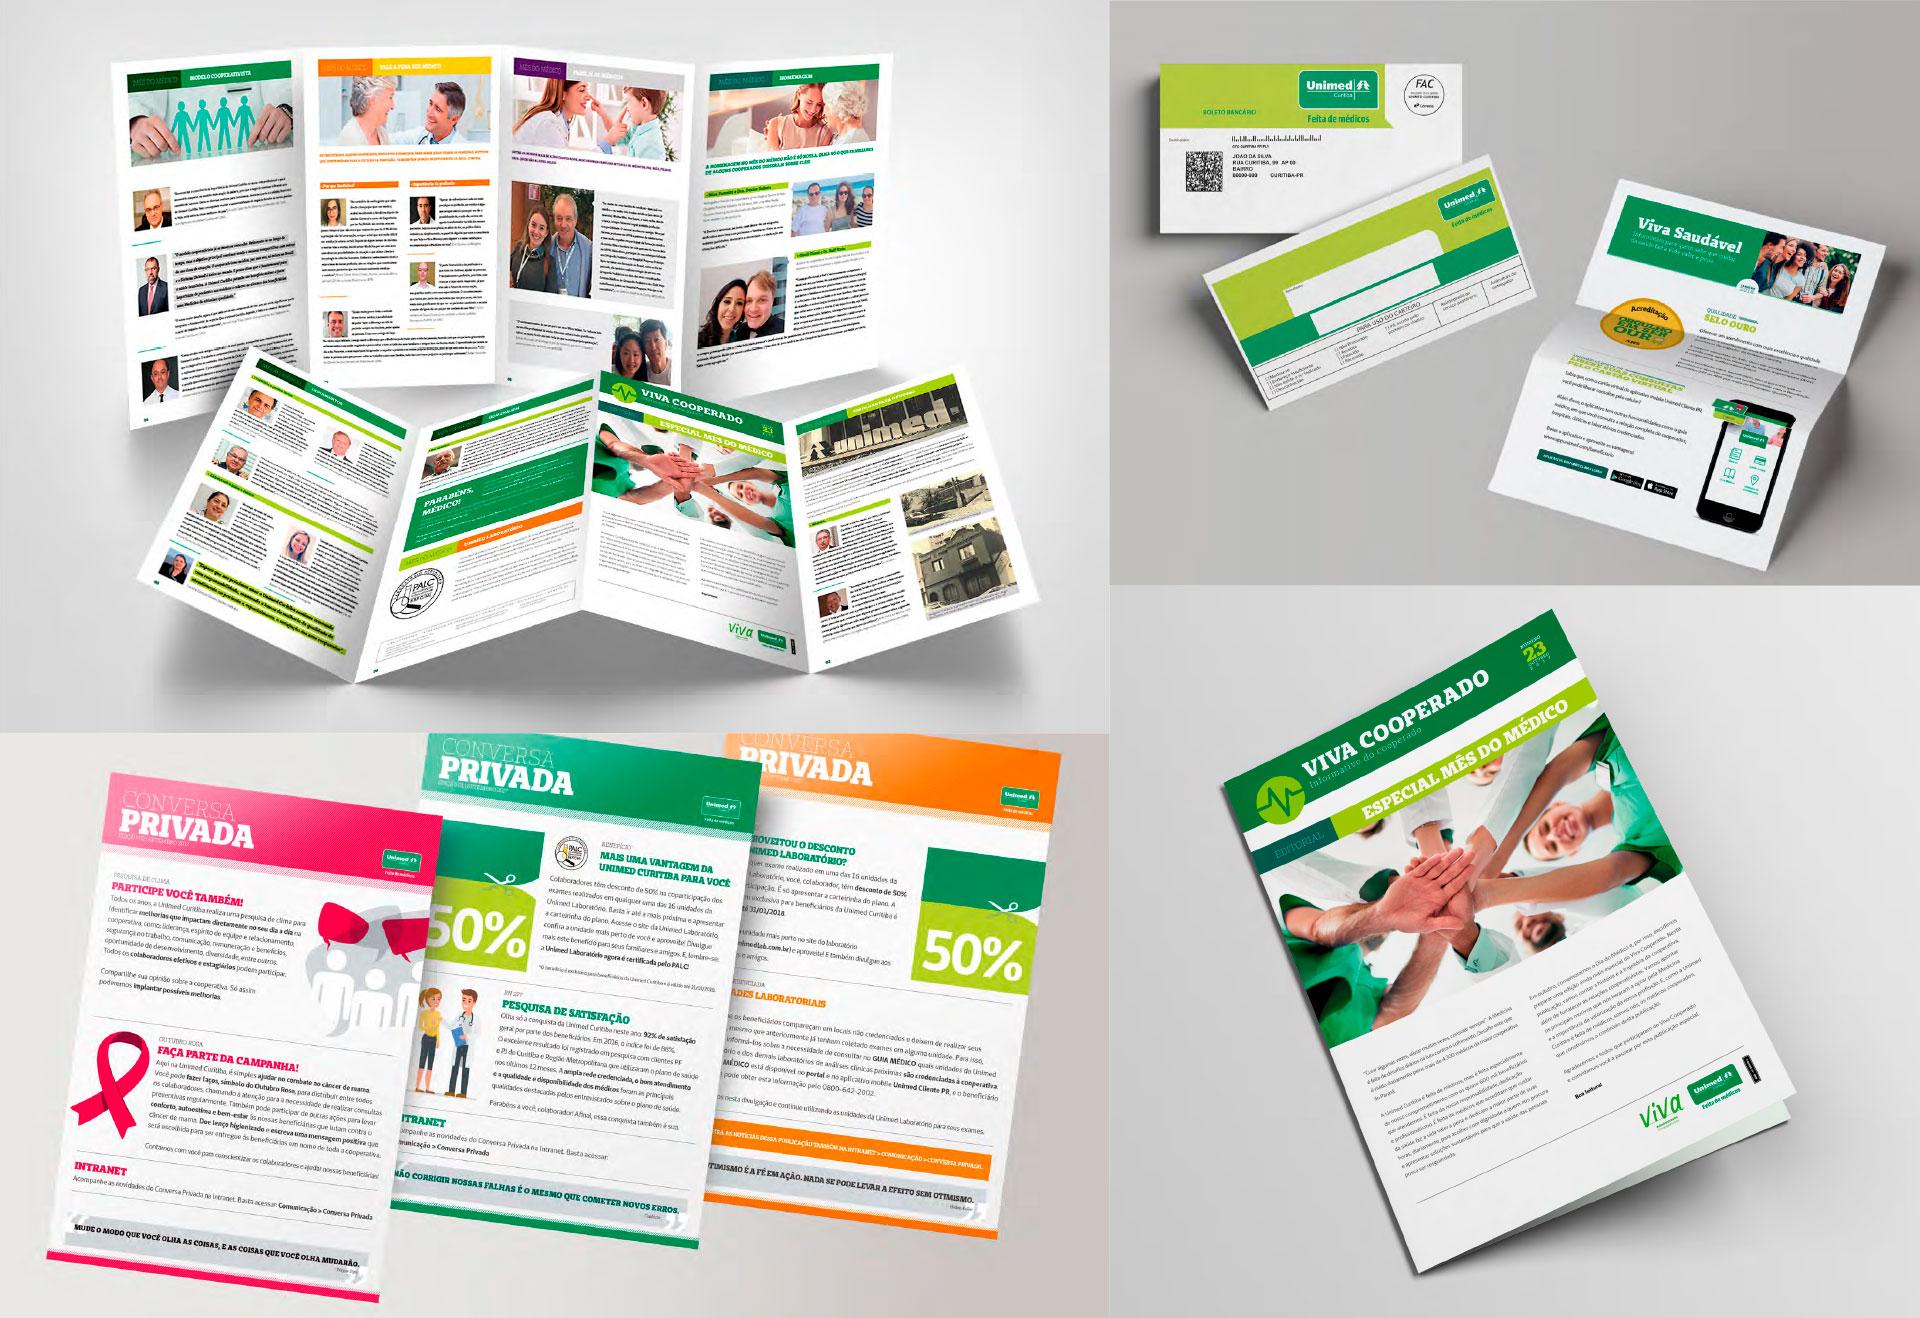 parolaconteudo_portfolio_materiais-impressos-1